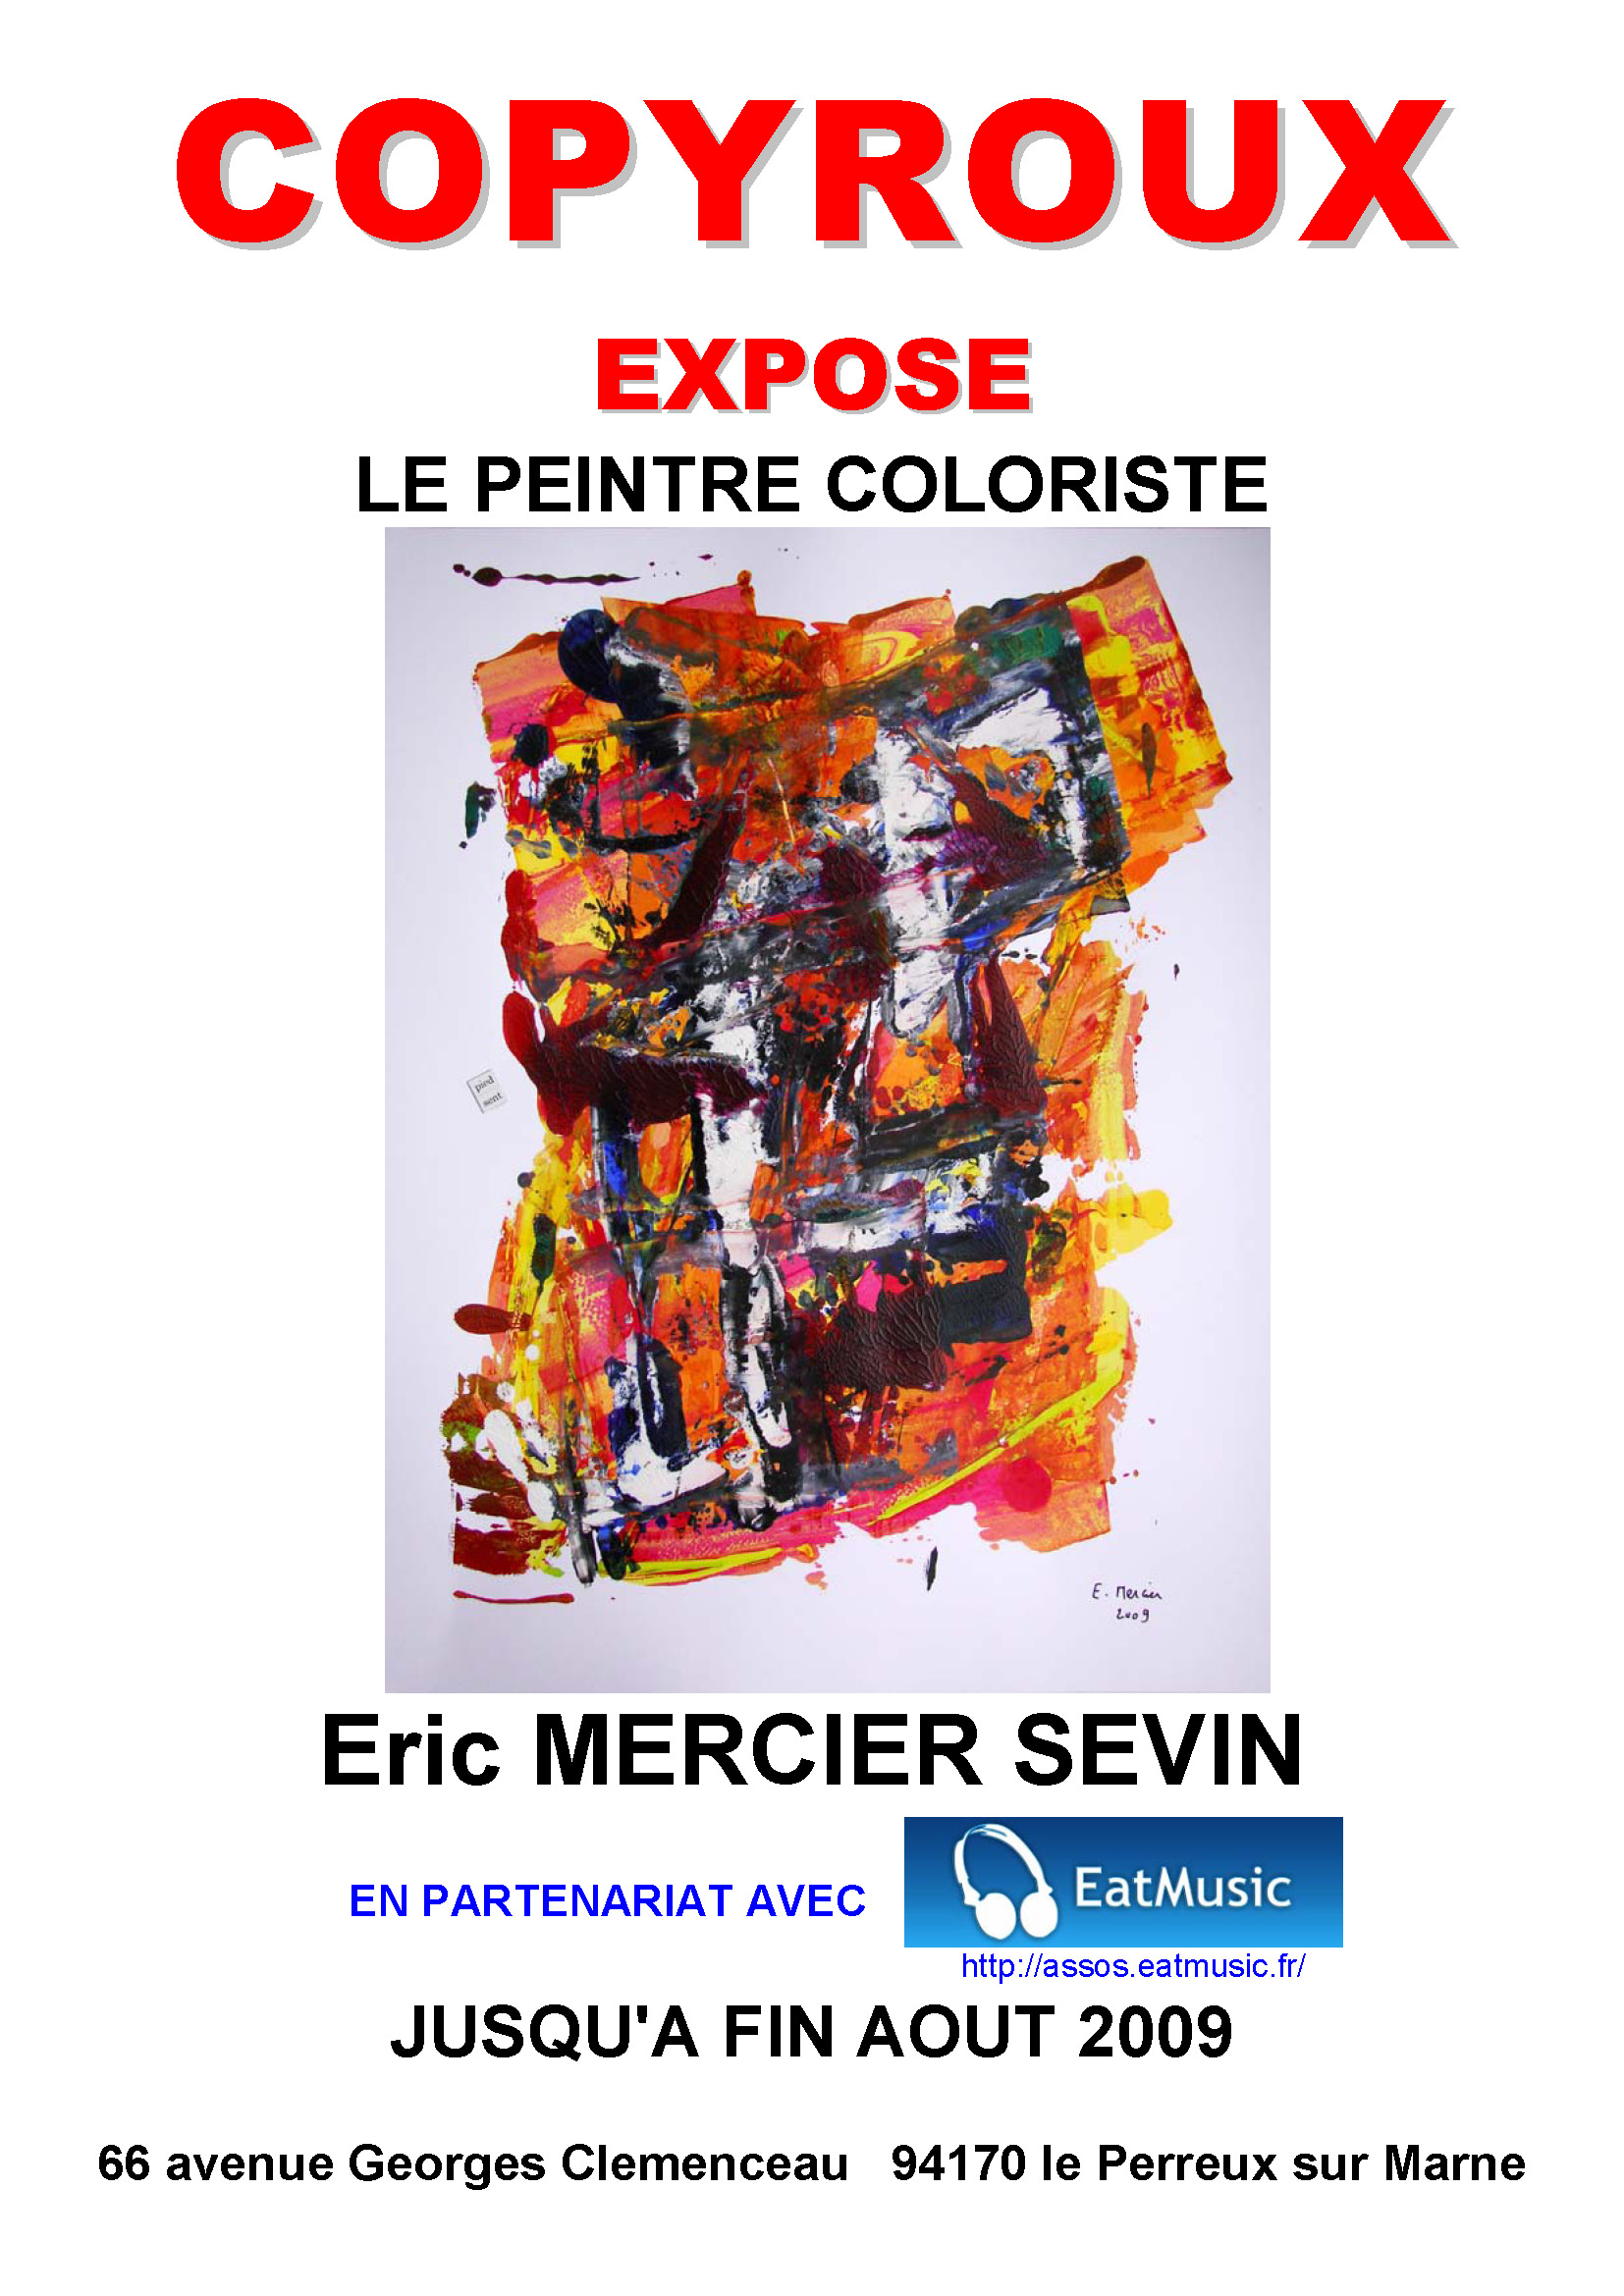 Exposition du peintre Éric MERCIER SEVIN